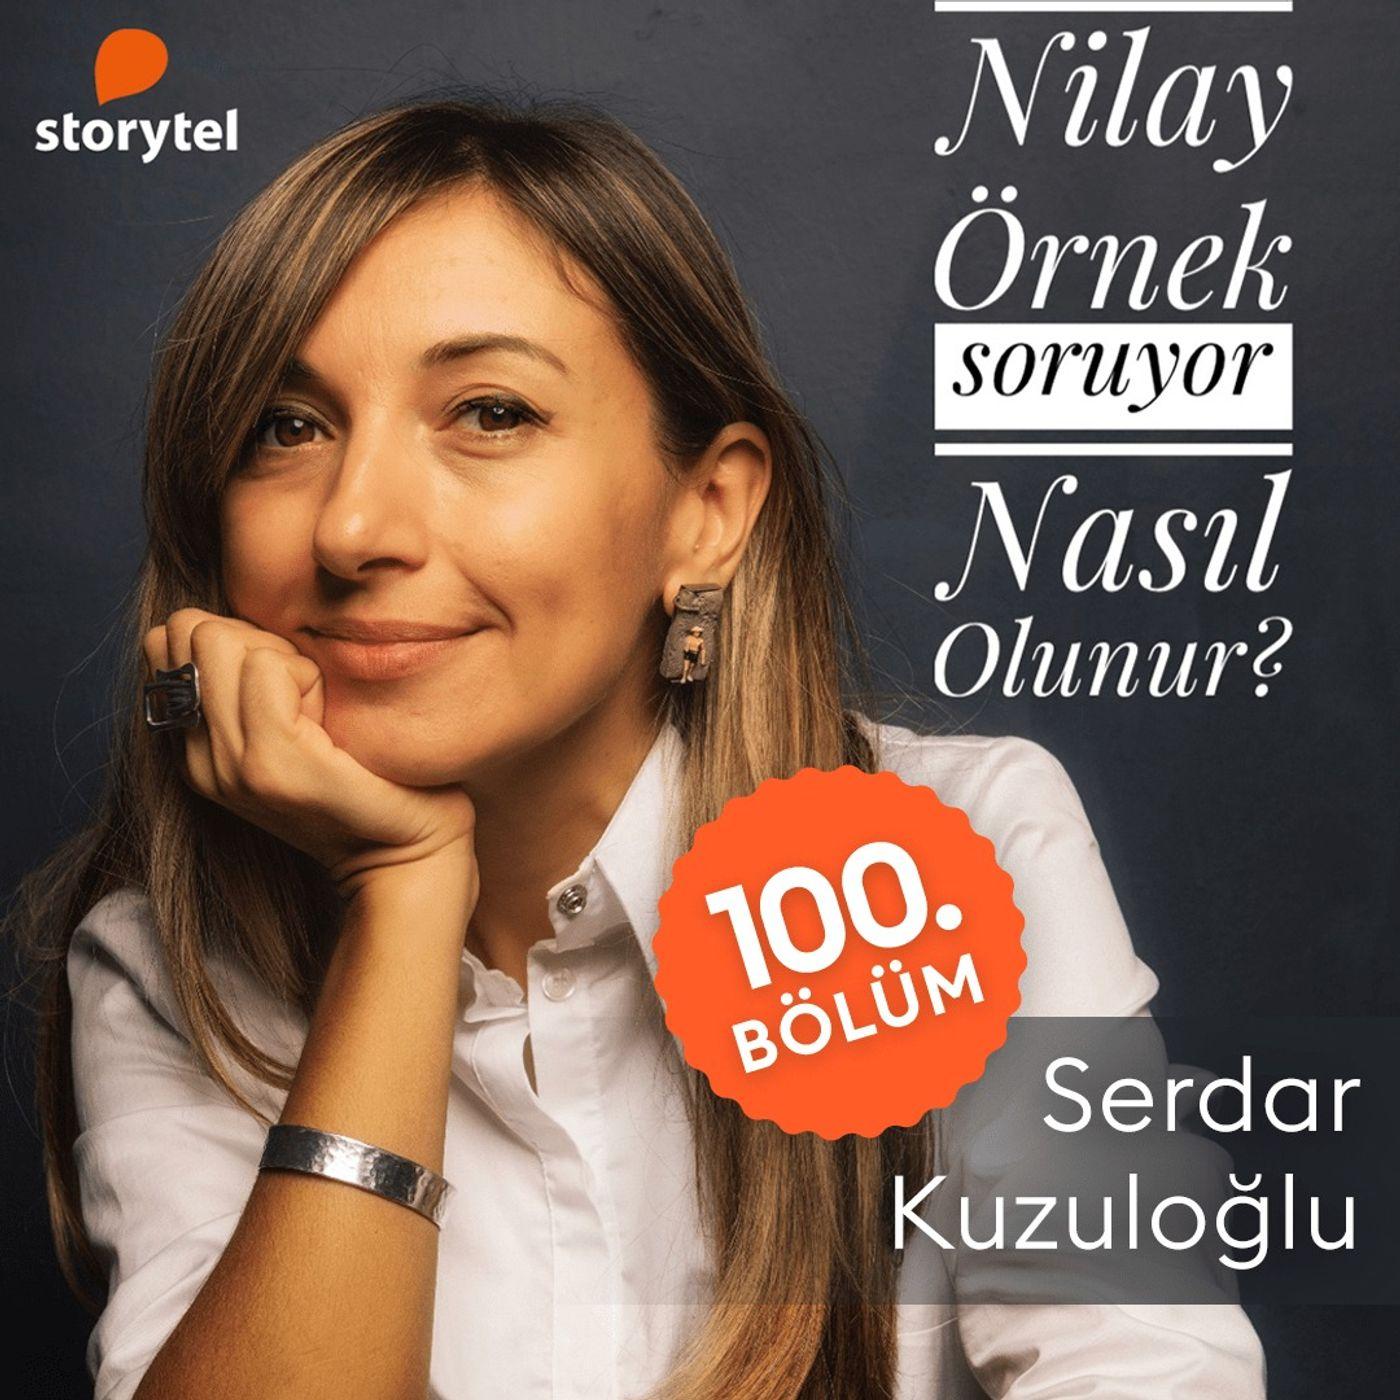 100- Serdar Kuzuloğlu-Nilay Örnek